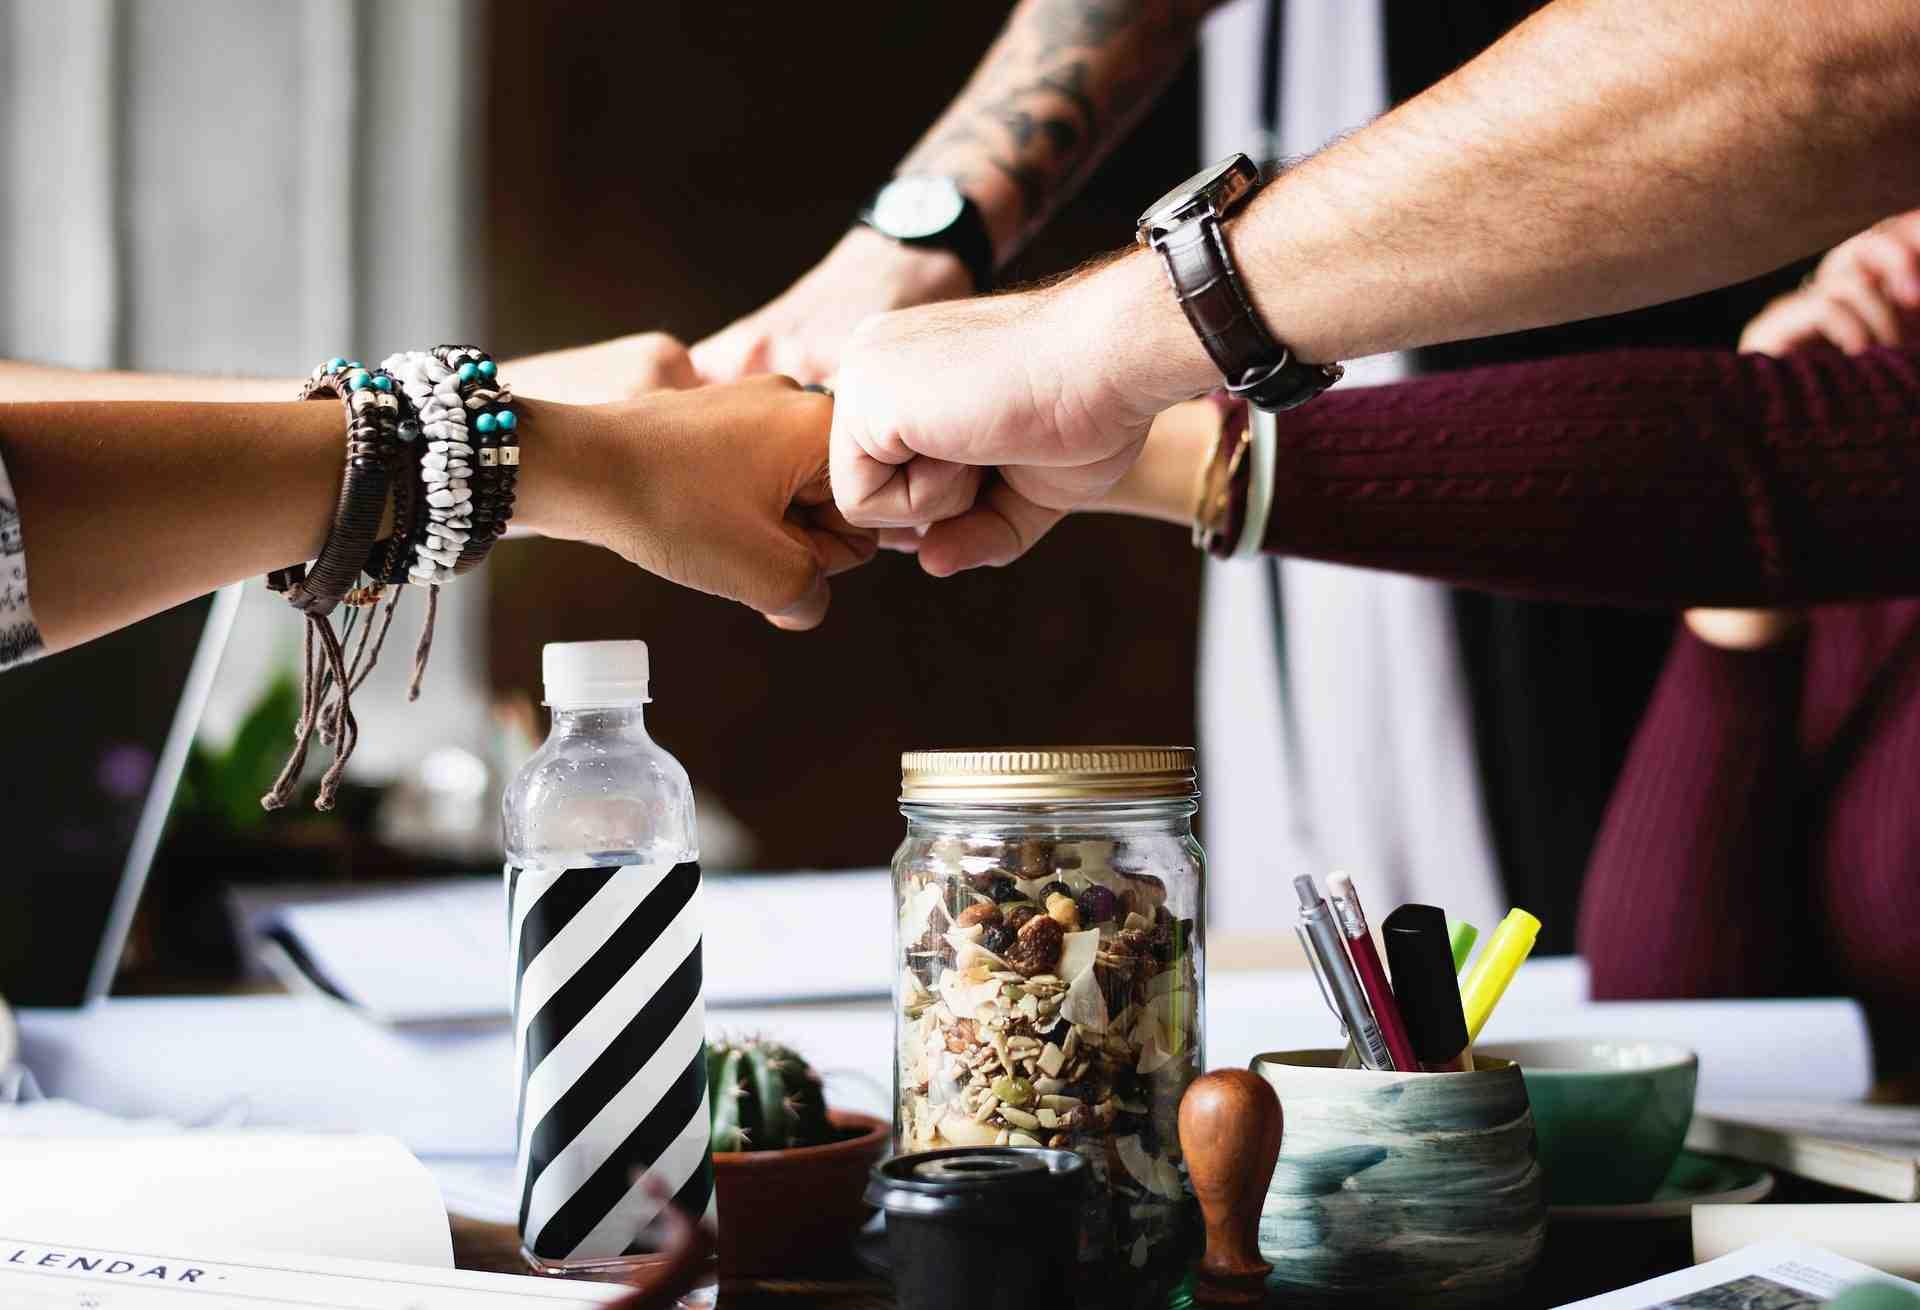 Definir propósitos pode fazer com que a gestão de pessoas seja ainda mais bem-sucedida.